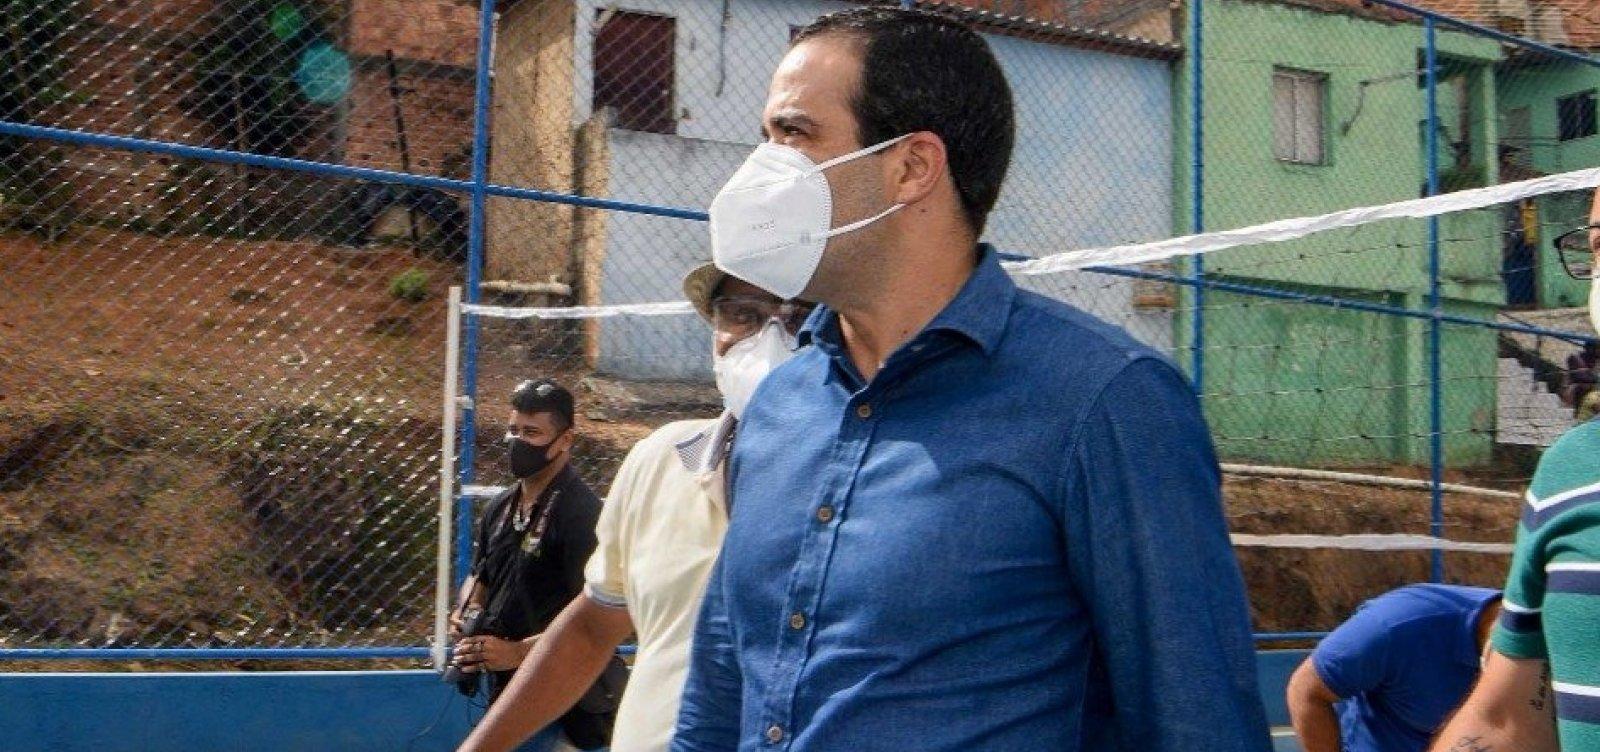 """Salvador terá """"mutirão da segunda dose"""", mas prefeitura já admite limitação de vacinas"""